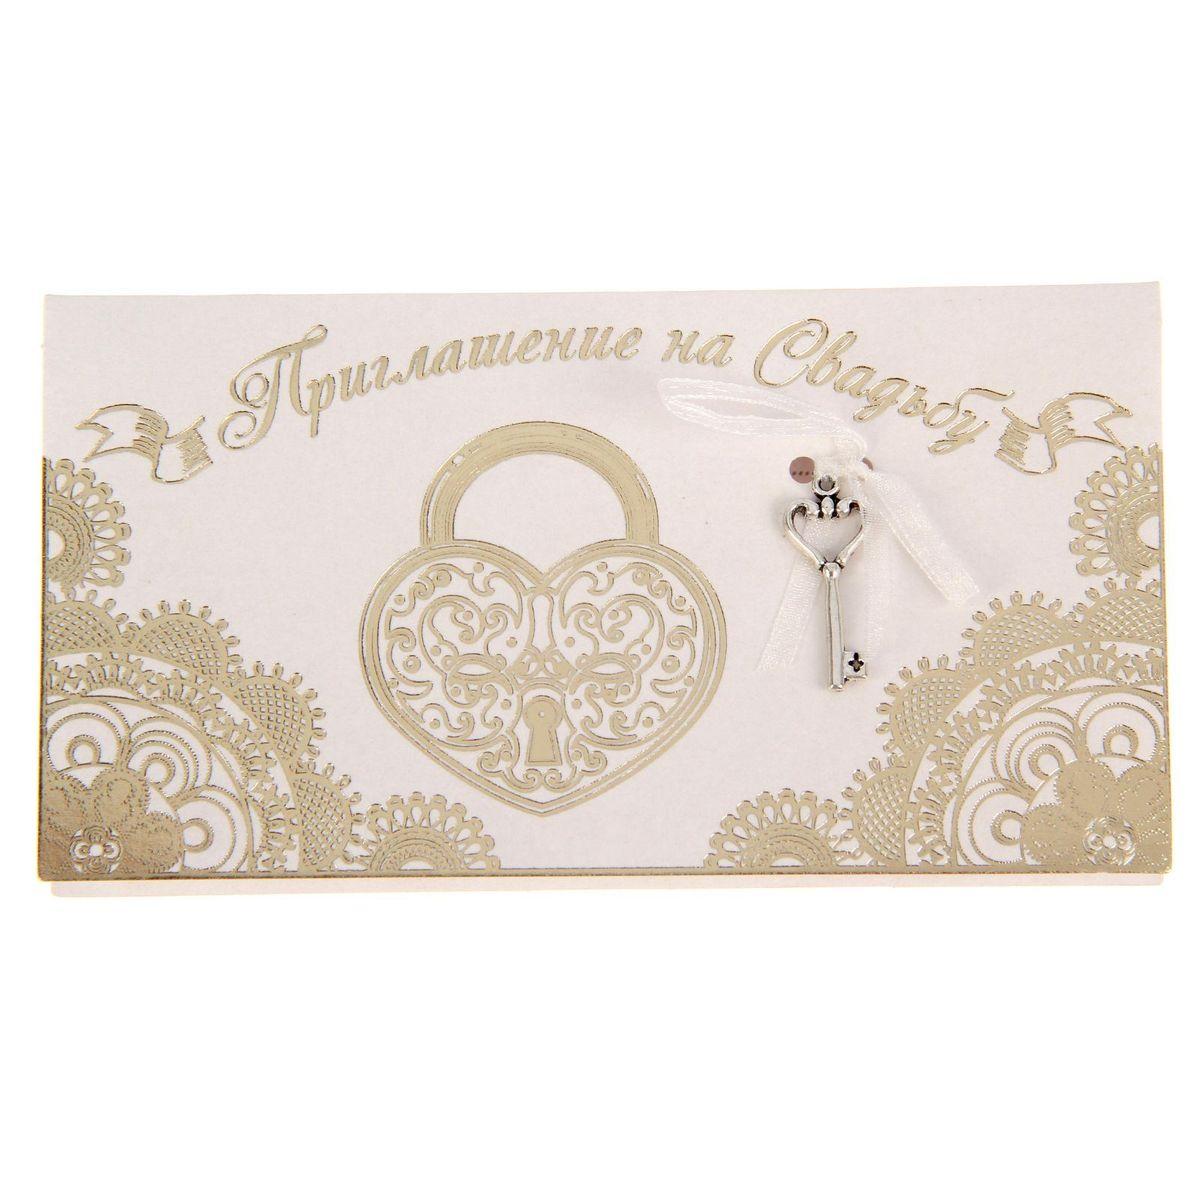 Приглашение на свадьбу Sima-land Замок, 13 х 7 см приглашение на свадьбу с тиснением золотом кольца